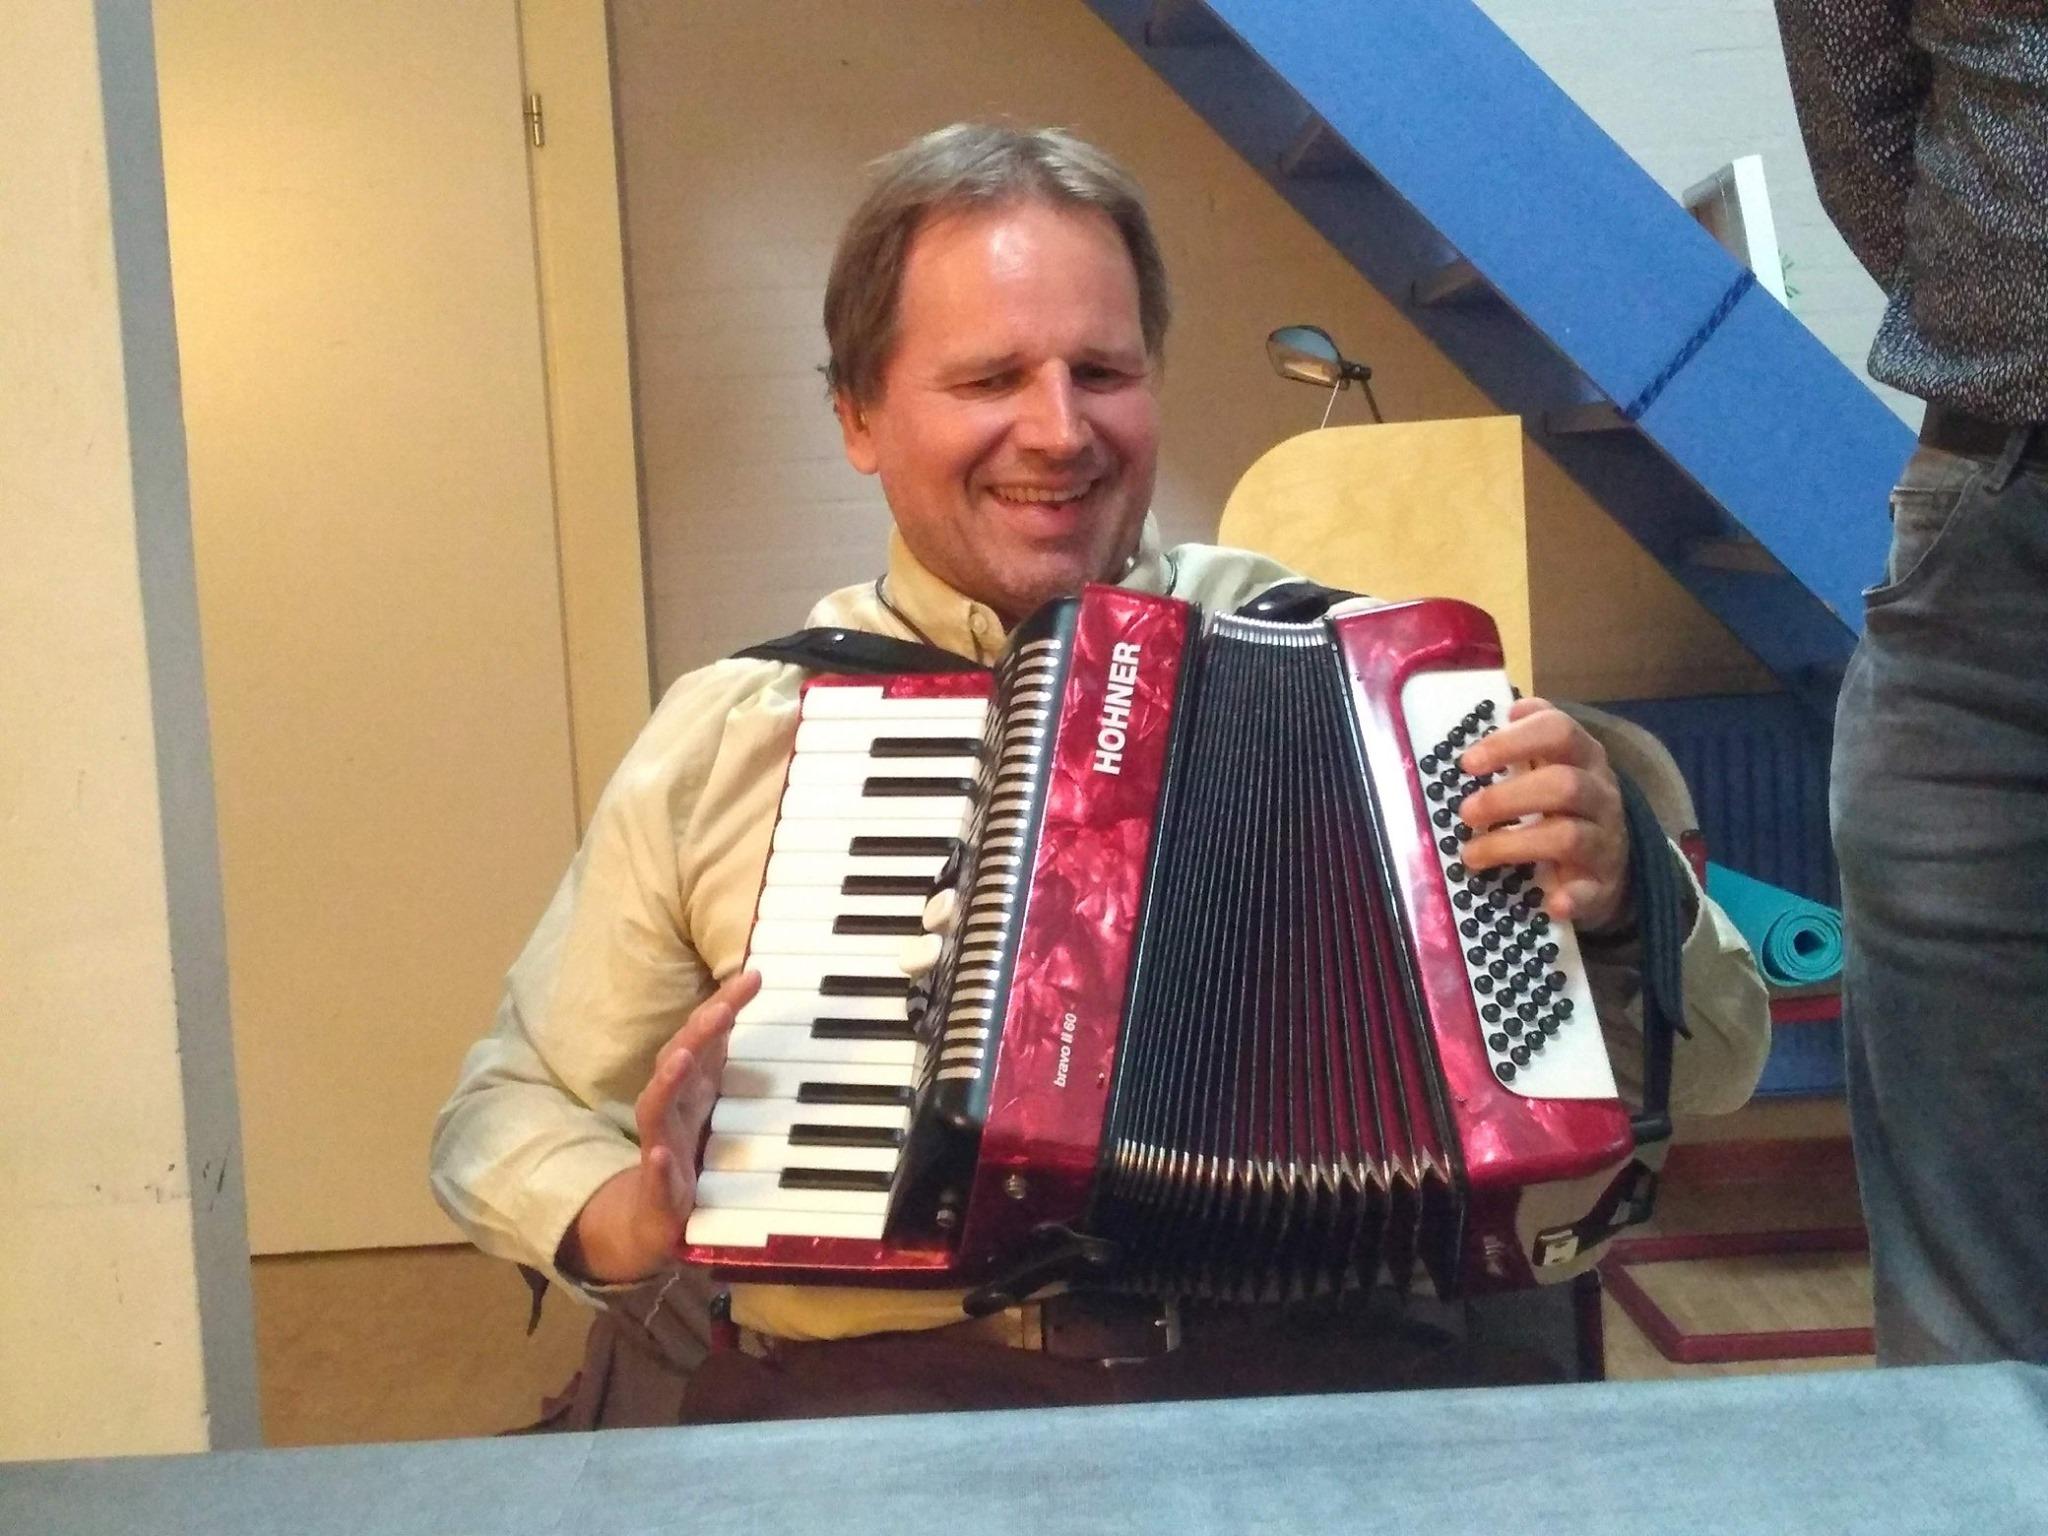 Het geluid dat uit de accordeon komt, kun je niet alleen horen, maar ook voelen!